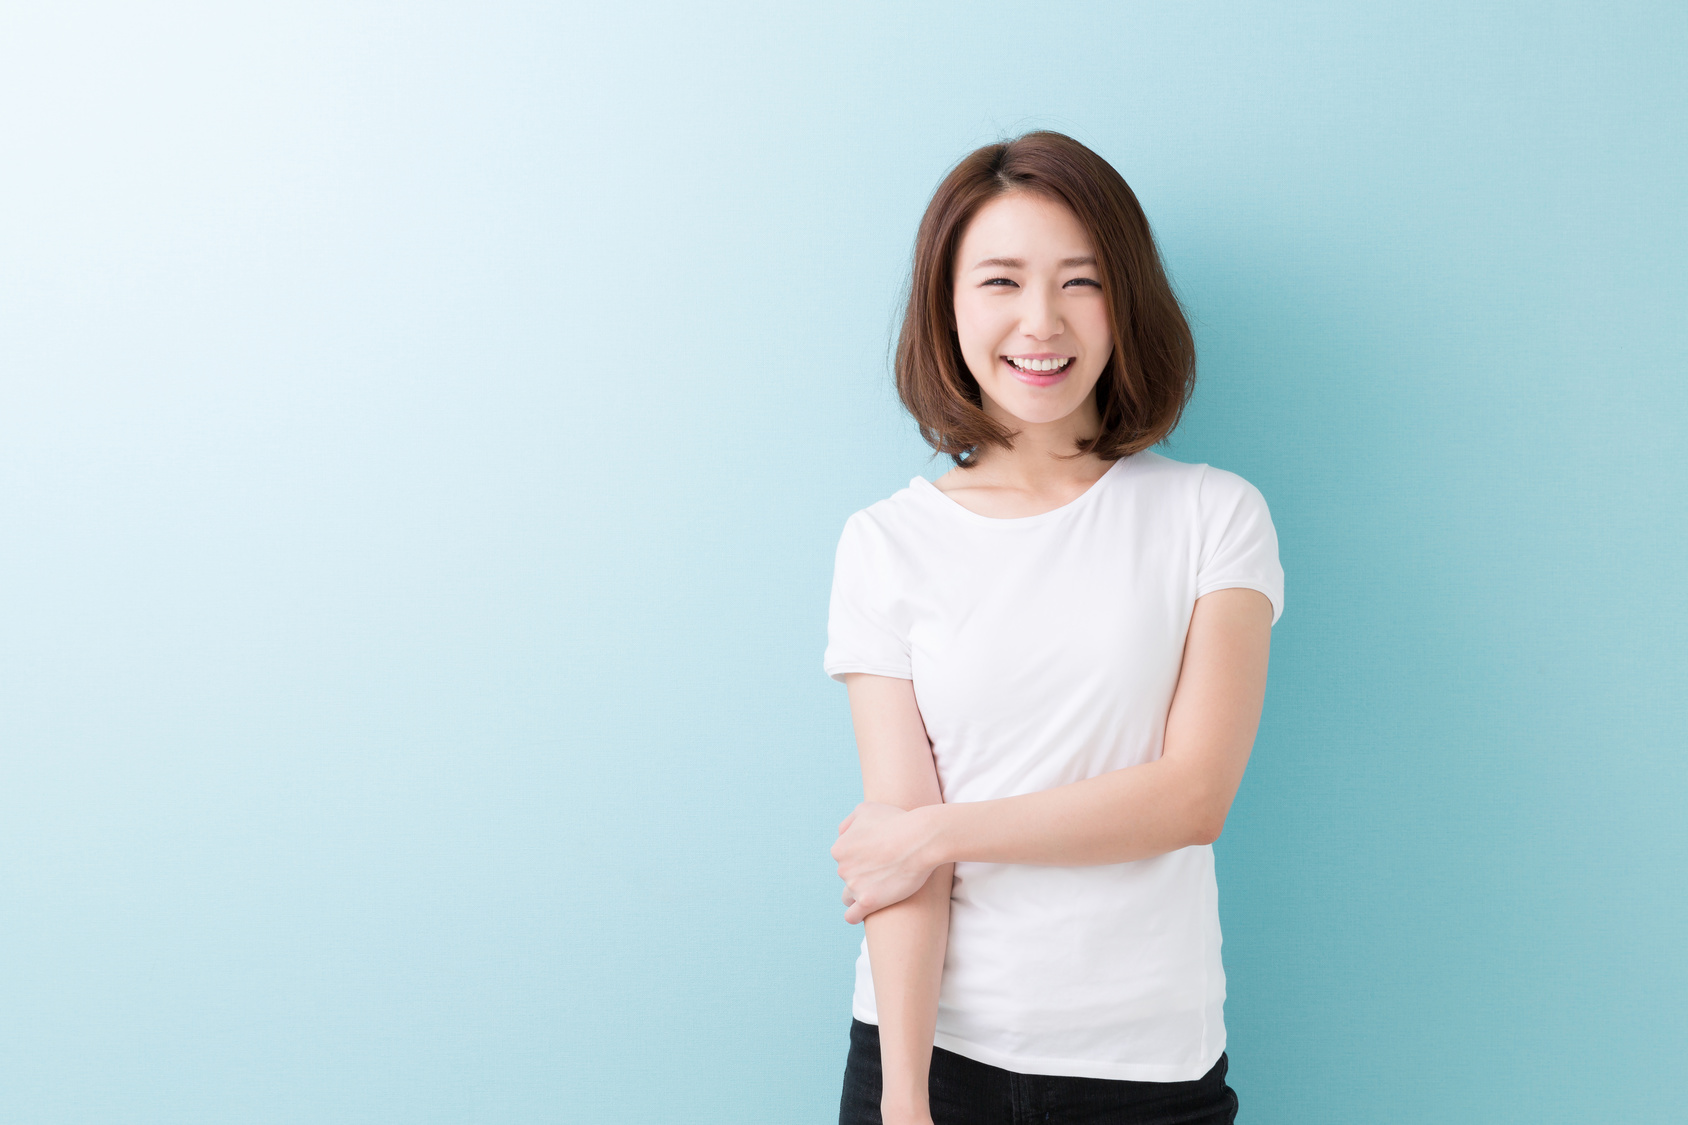 Rules of dating korean men